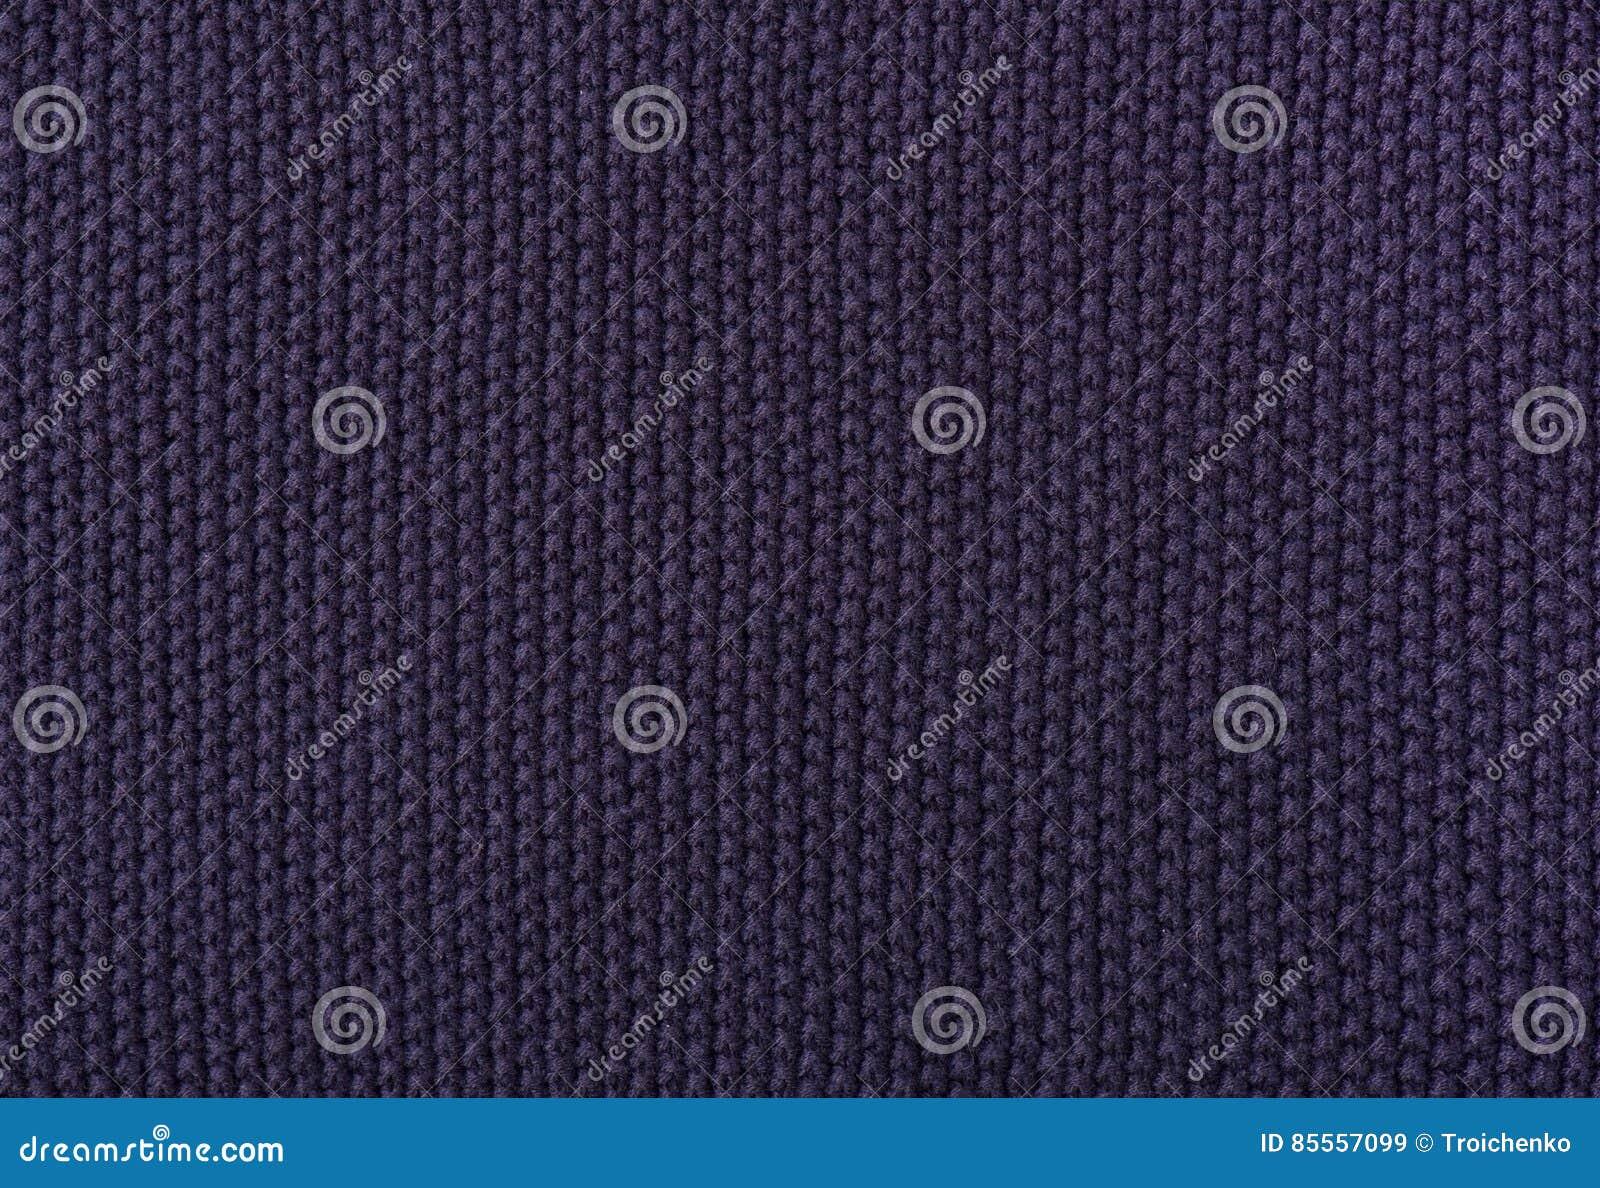 Die Beschaffenheit der gestrickten Dunkelheit des woolen Gewebes ungewöhnlicher abstrakter Hintergrund